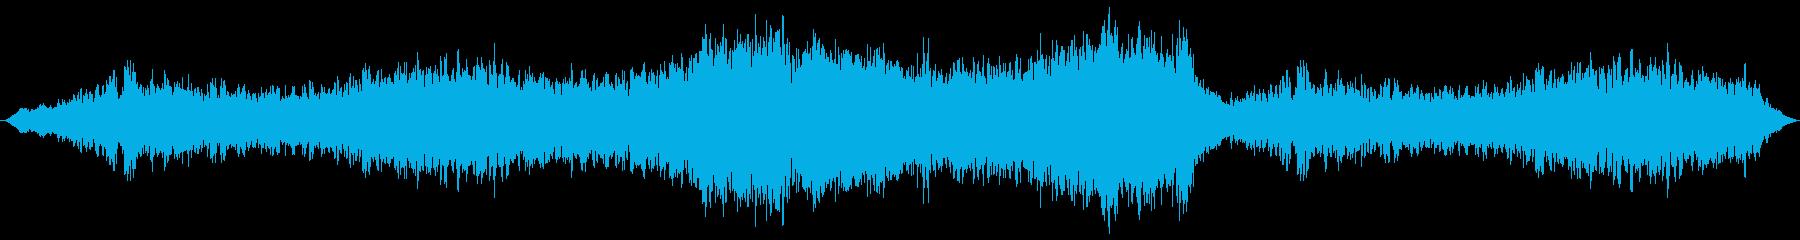 惑星的なスケール感のあるBGSの再生済みの波形